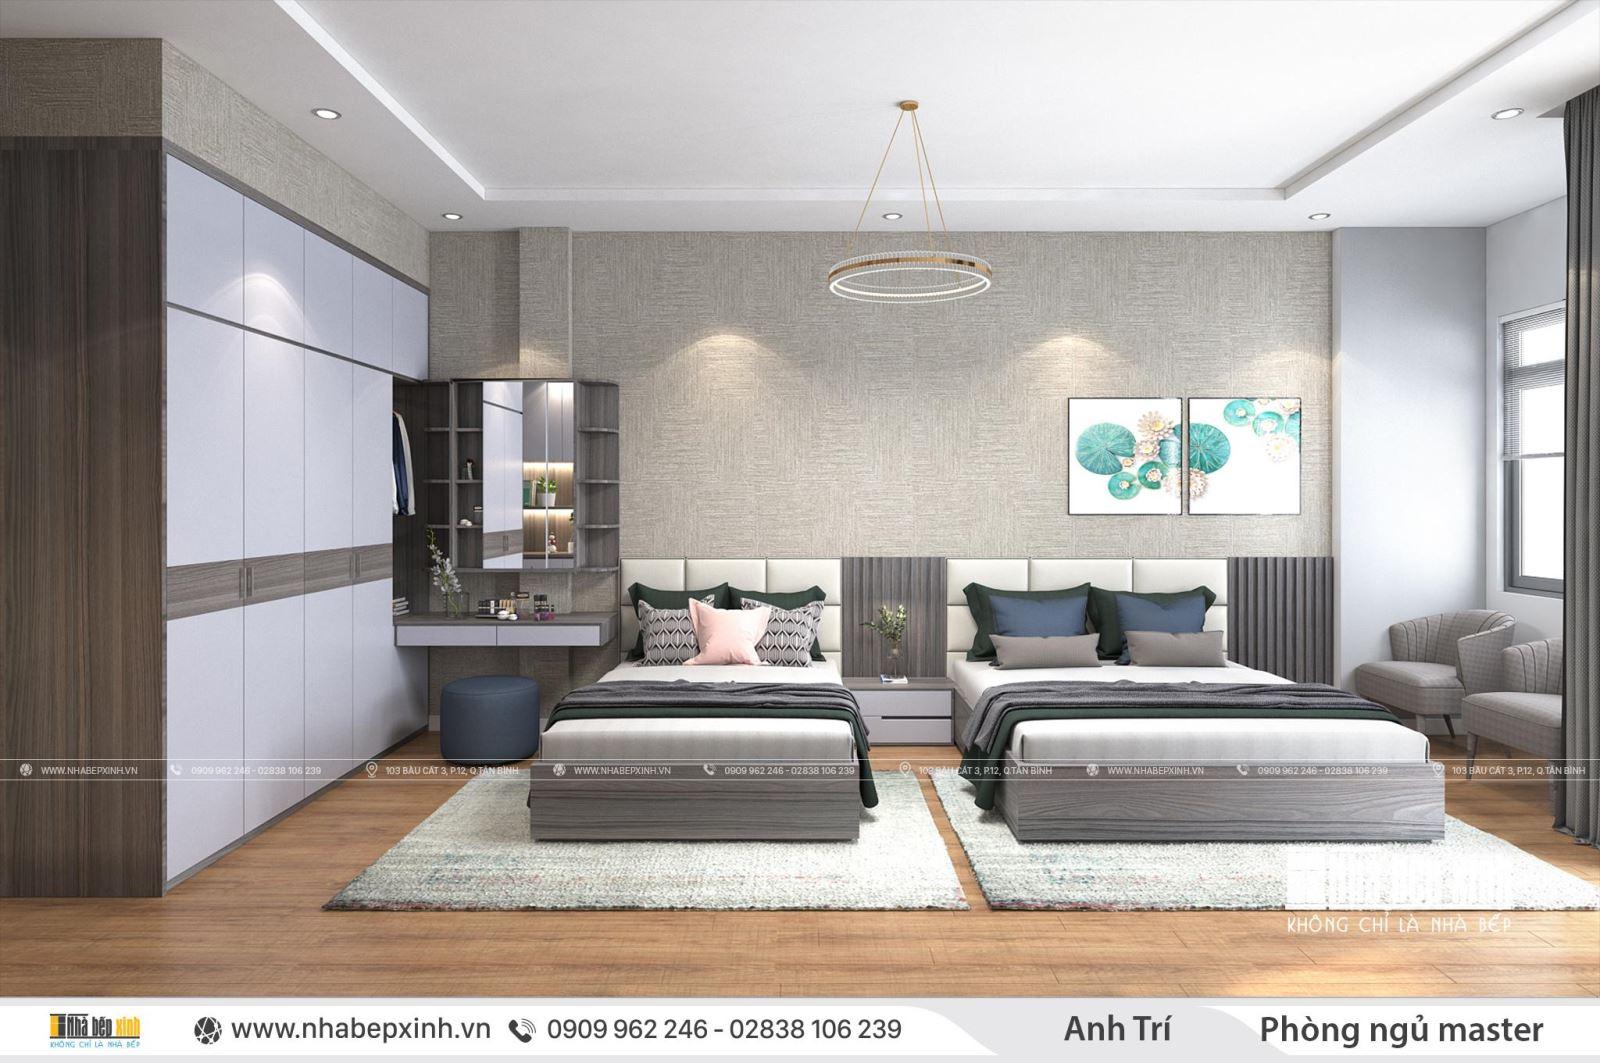 Thiết kế nội thất nguyên căn đẹp và hiện đại nhất